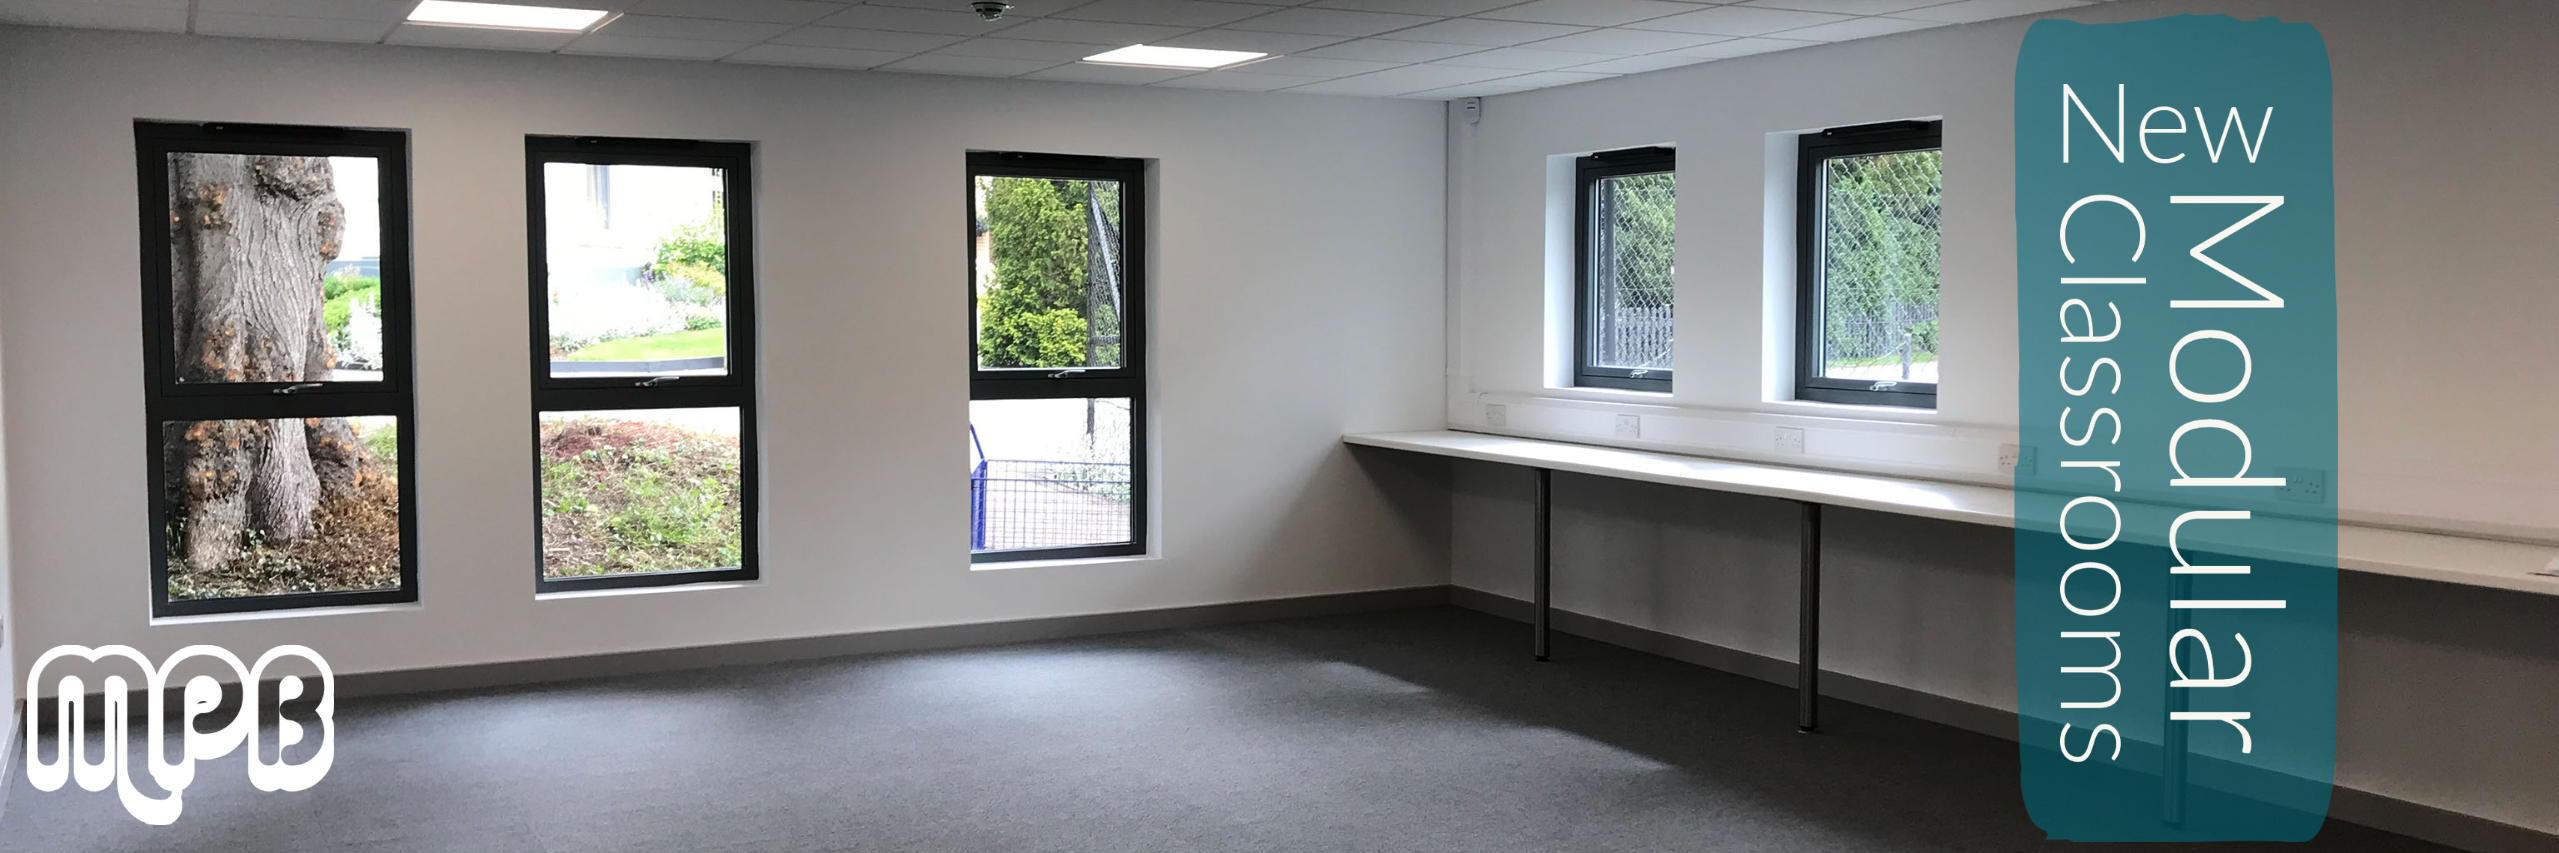 New Modular Classrooms